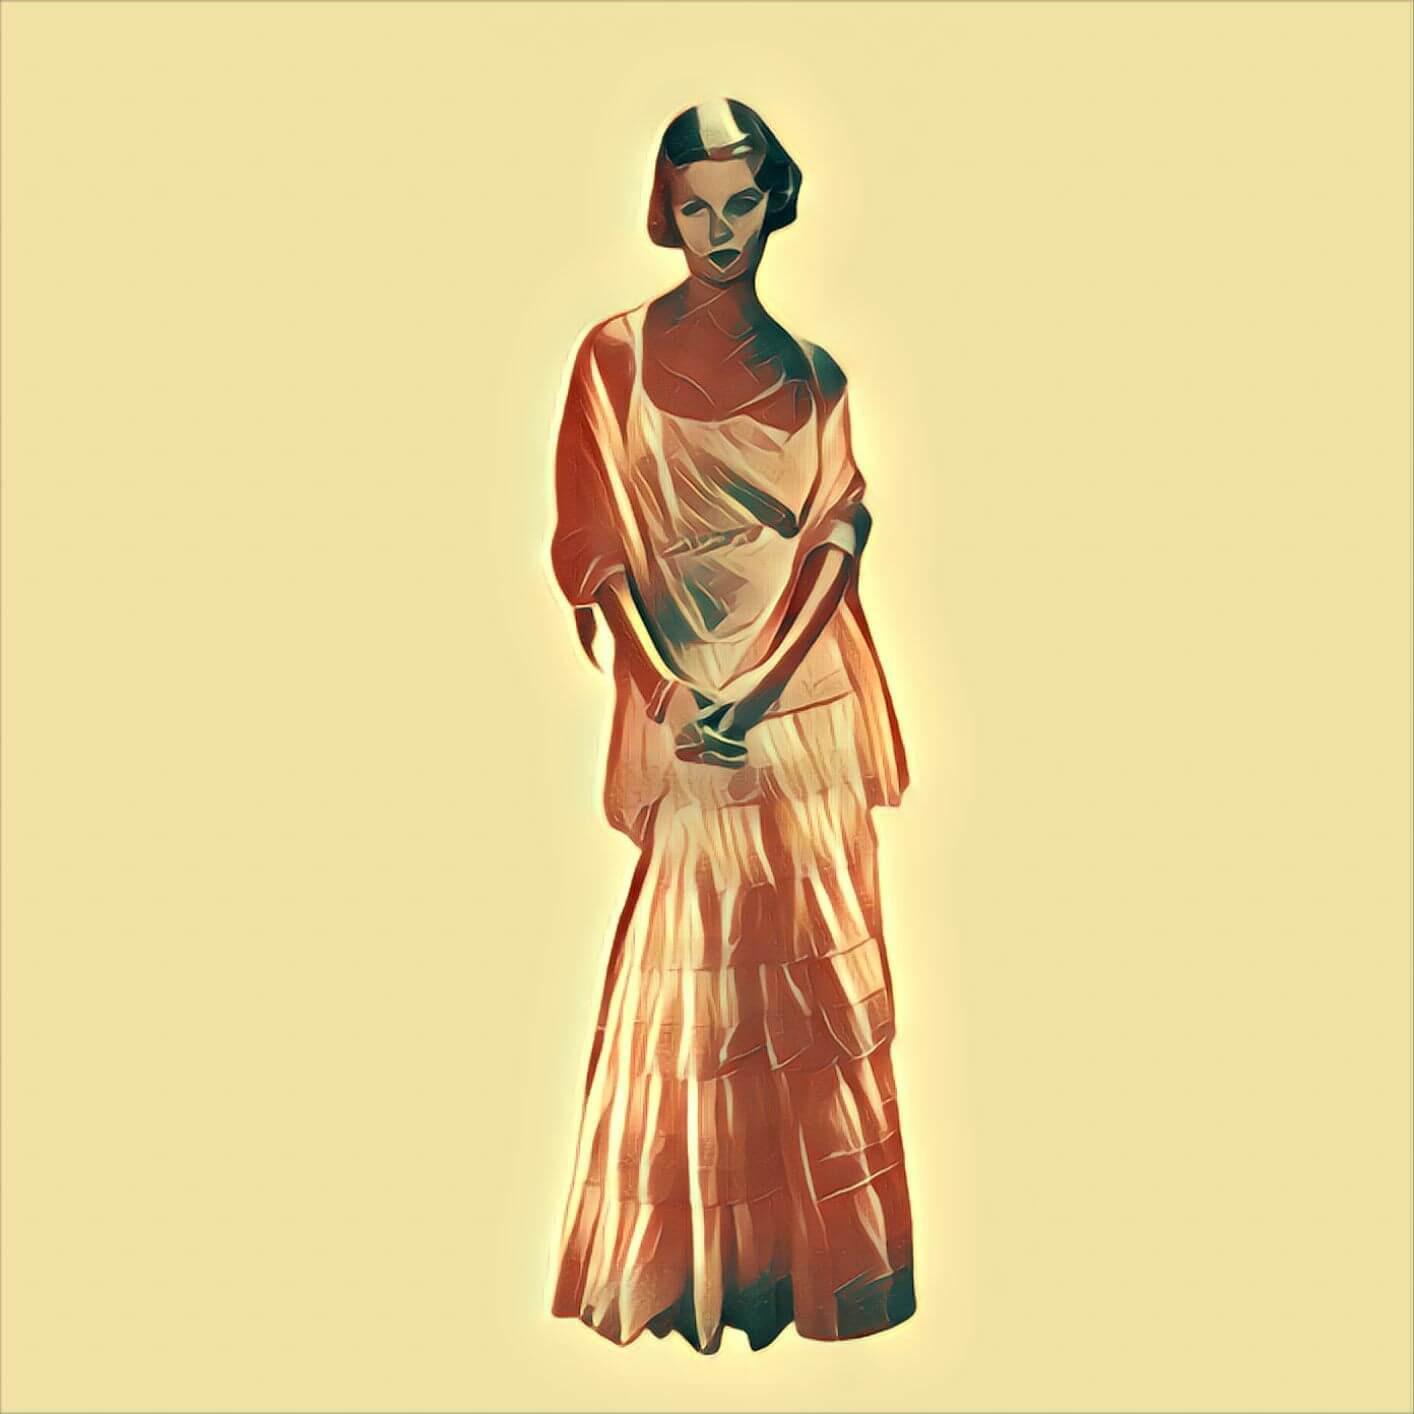 Rotes Kleid Hochzeit Bedeutung / Farbige Hochzeitskleider